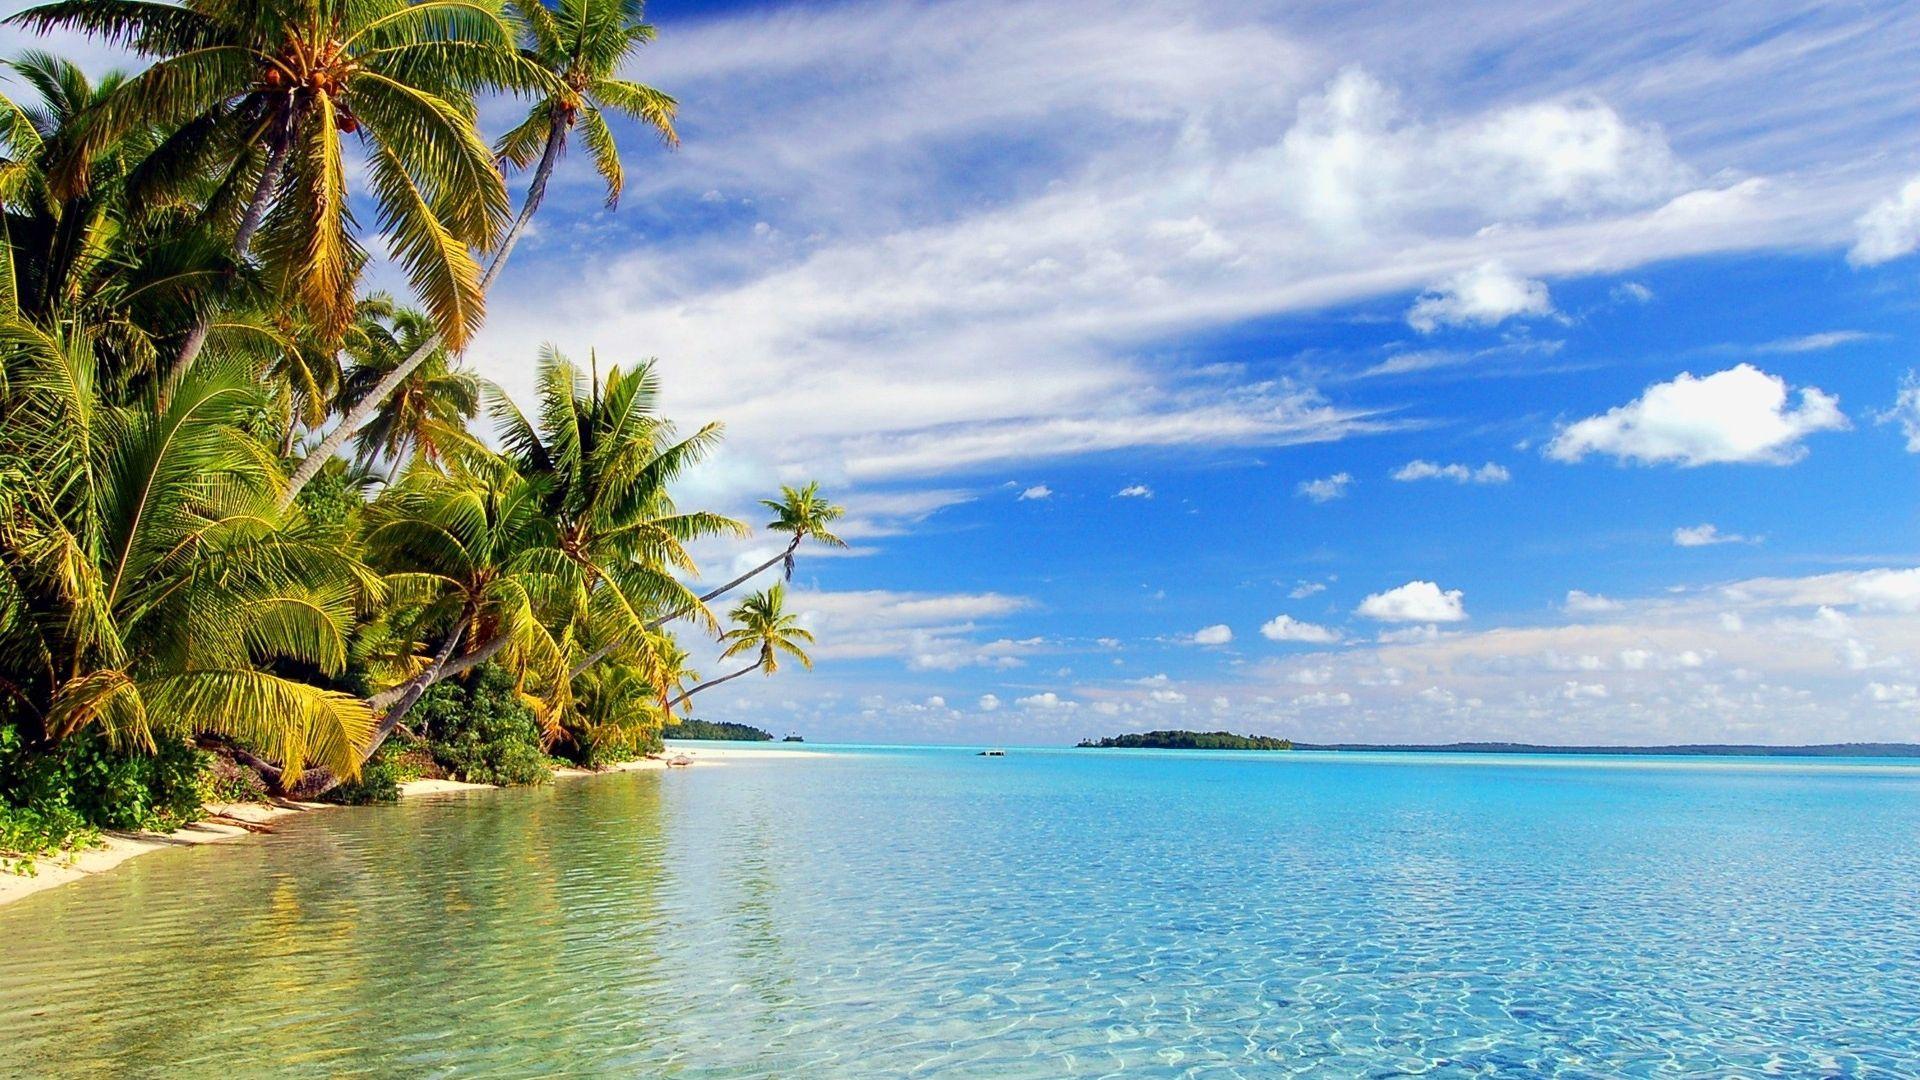 1920x1080 Tải xuống miễn phí HD hình nền và nền bãi biển thiên đường đảo nhiệt đới [1920x1200] cho Máy tính để bàn, Di động & Máy tính bảng của bạn.  Khám phá Hình nền máy tính để bàn của Bãi biển Đảo Nhiệt đới.  Hình nền bãi biển nhiệt đới, Bãi biển nhiệt đới